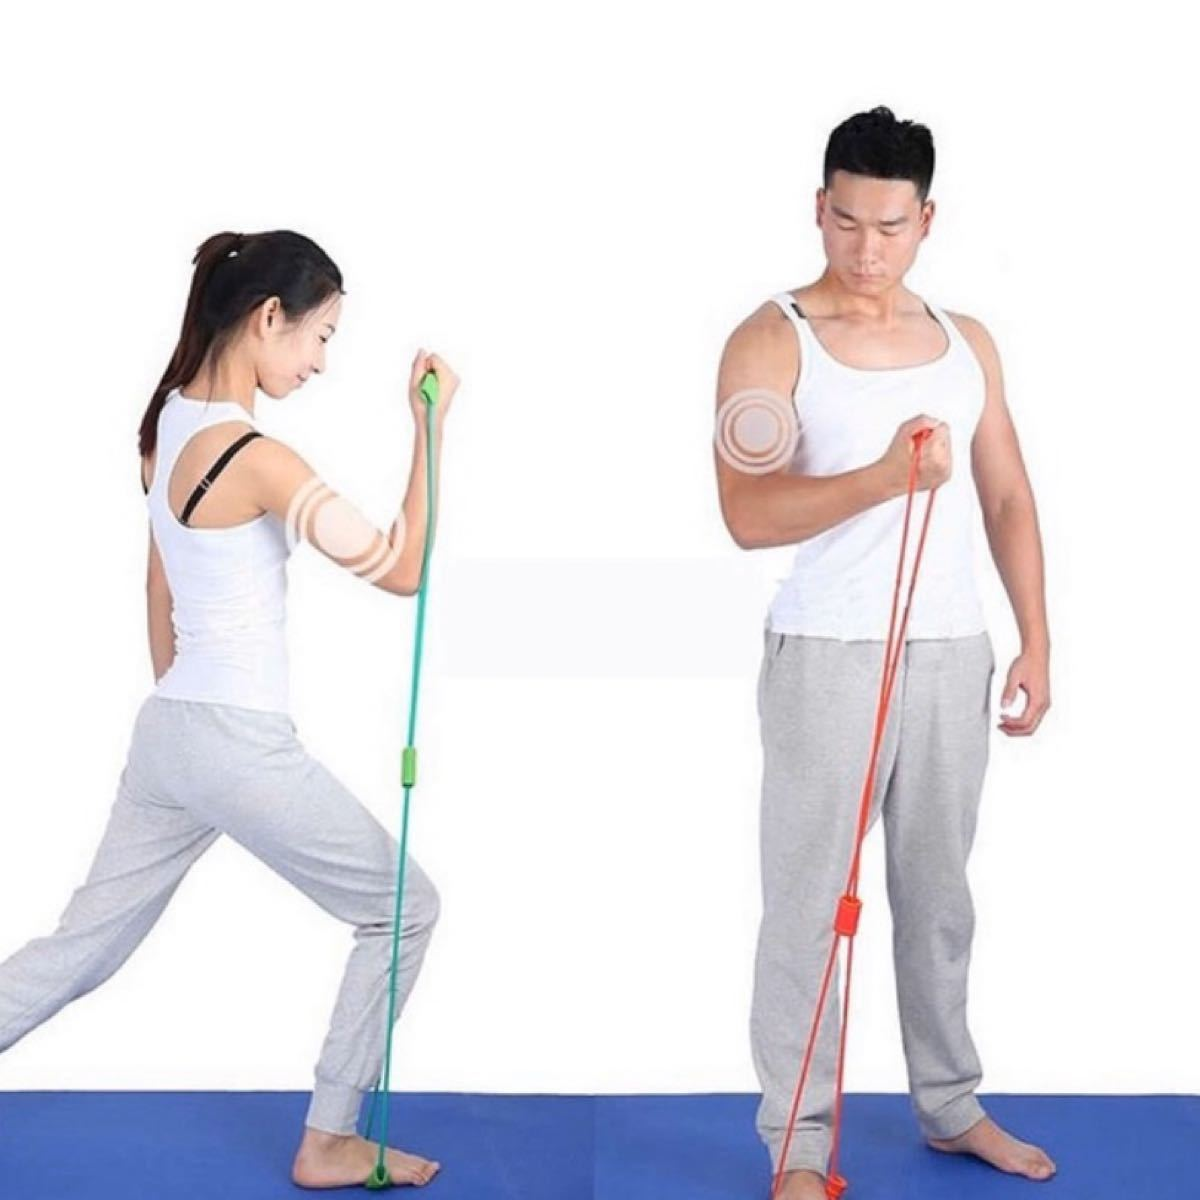 チューブ トレーニング ピンク と パープル セール 運動 エクササイズ 器具